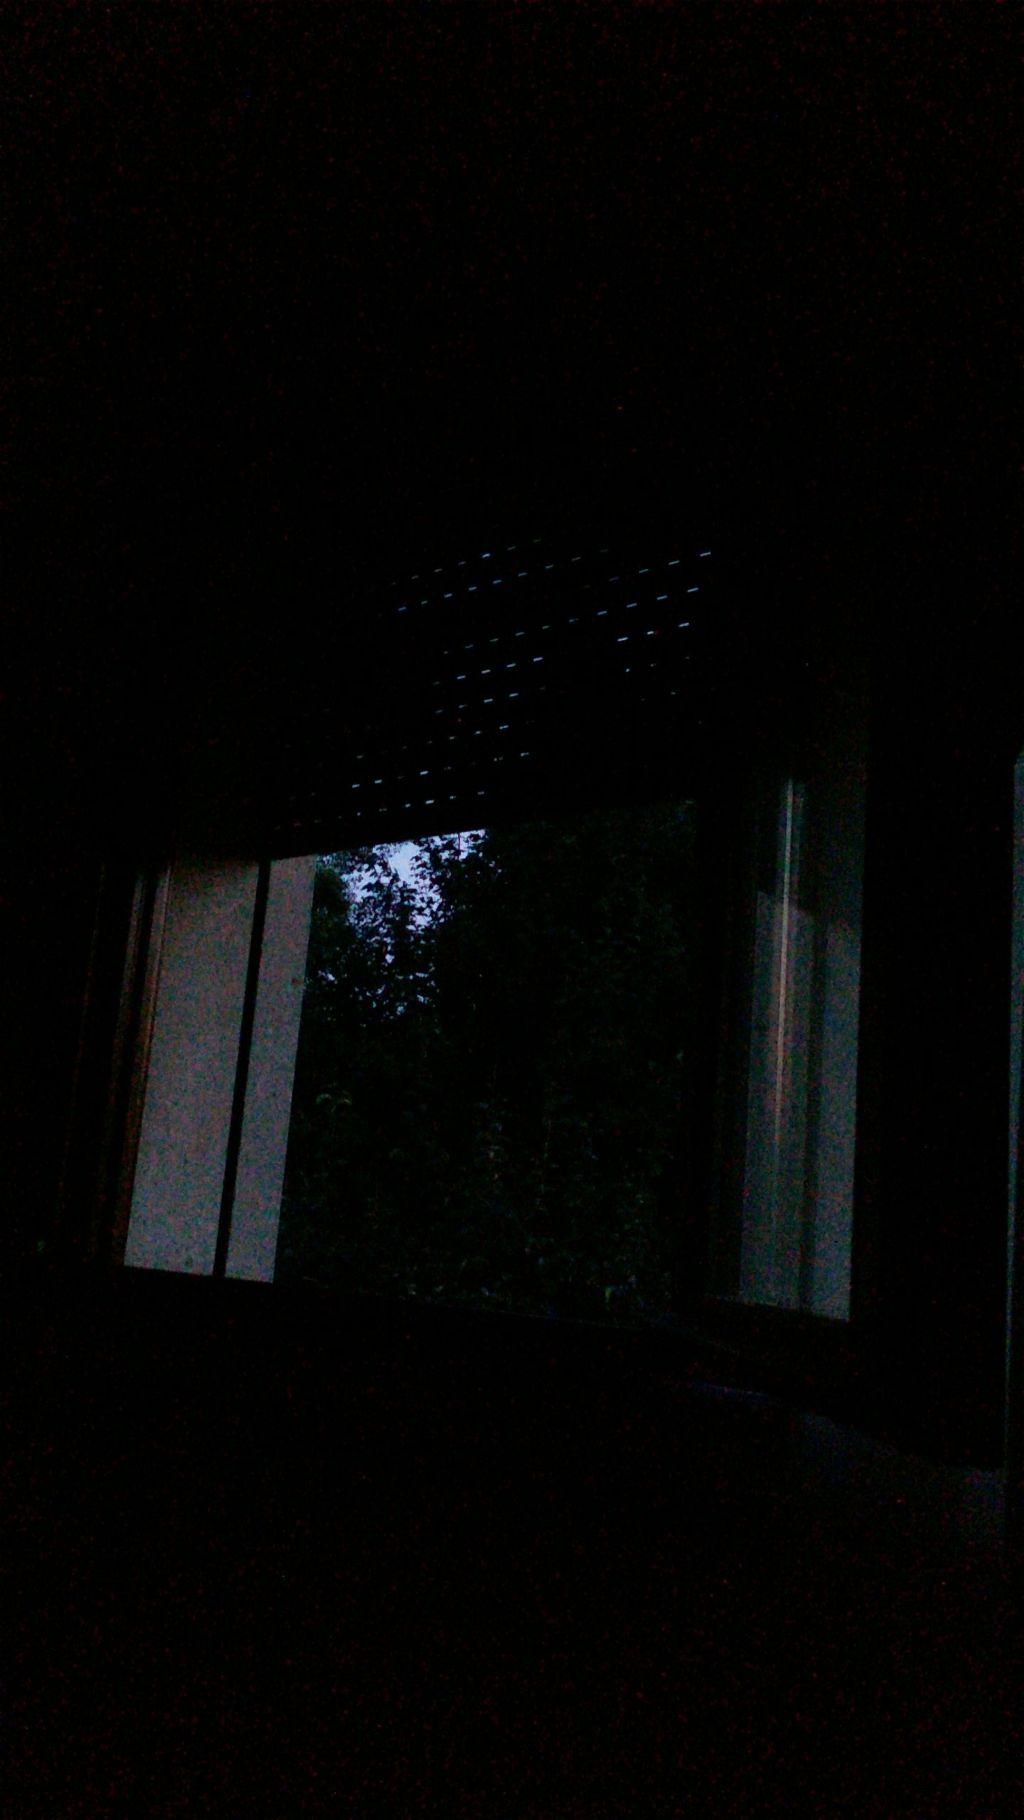 La tua foto profilo sempre account a me una picsart - Cosa vedo dalla mia finestra tema ...